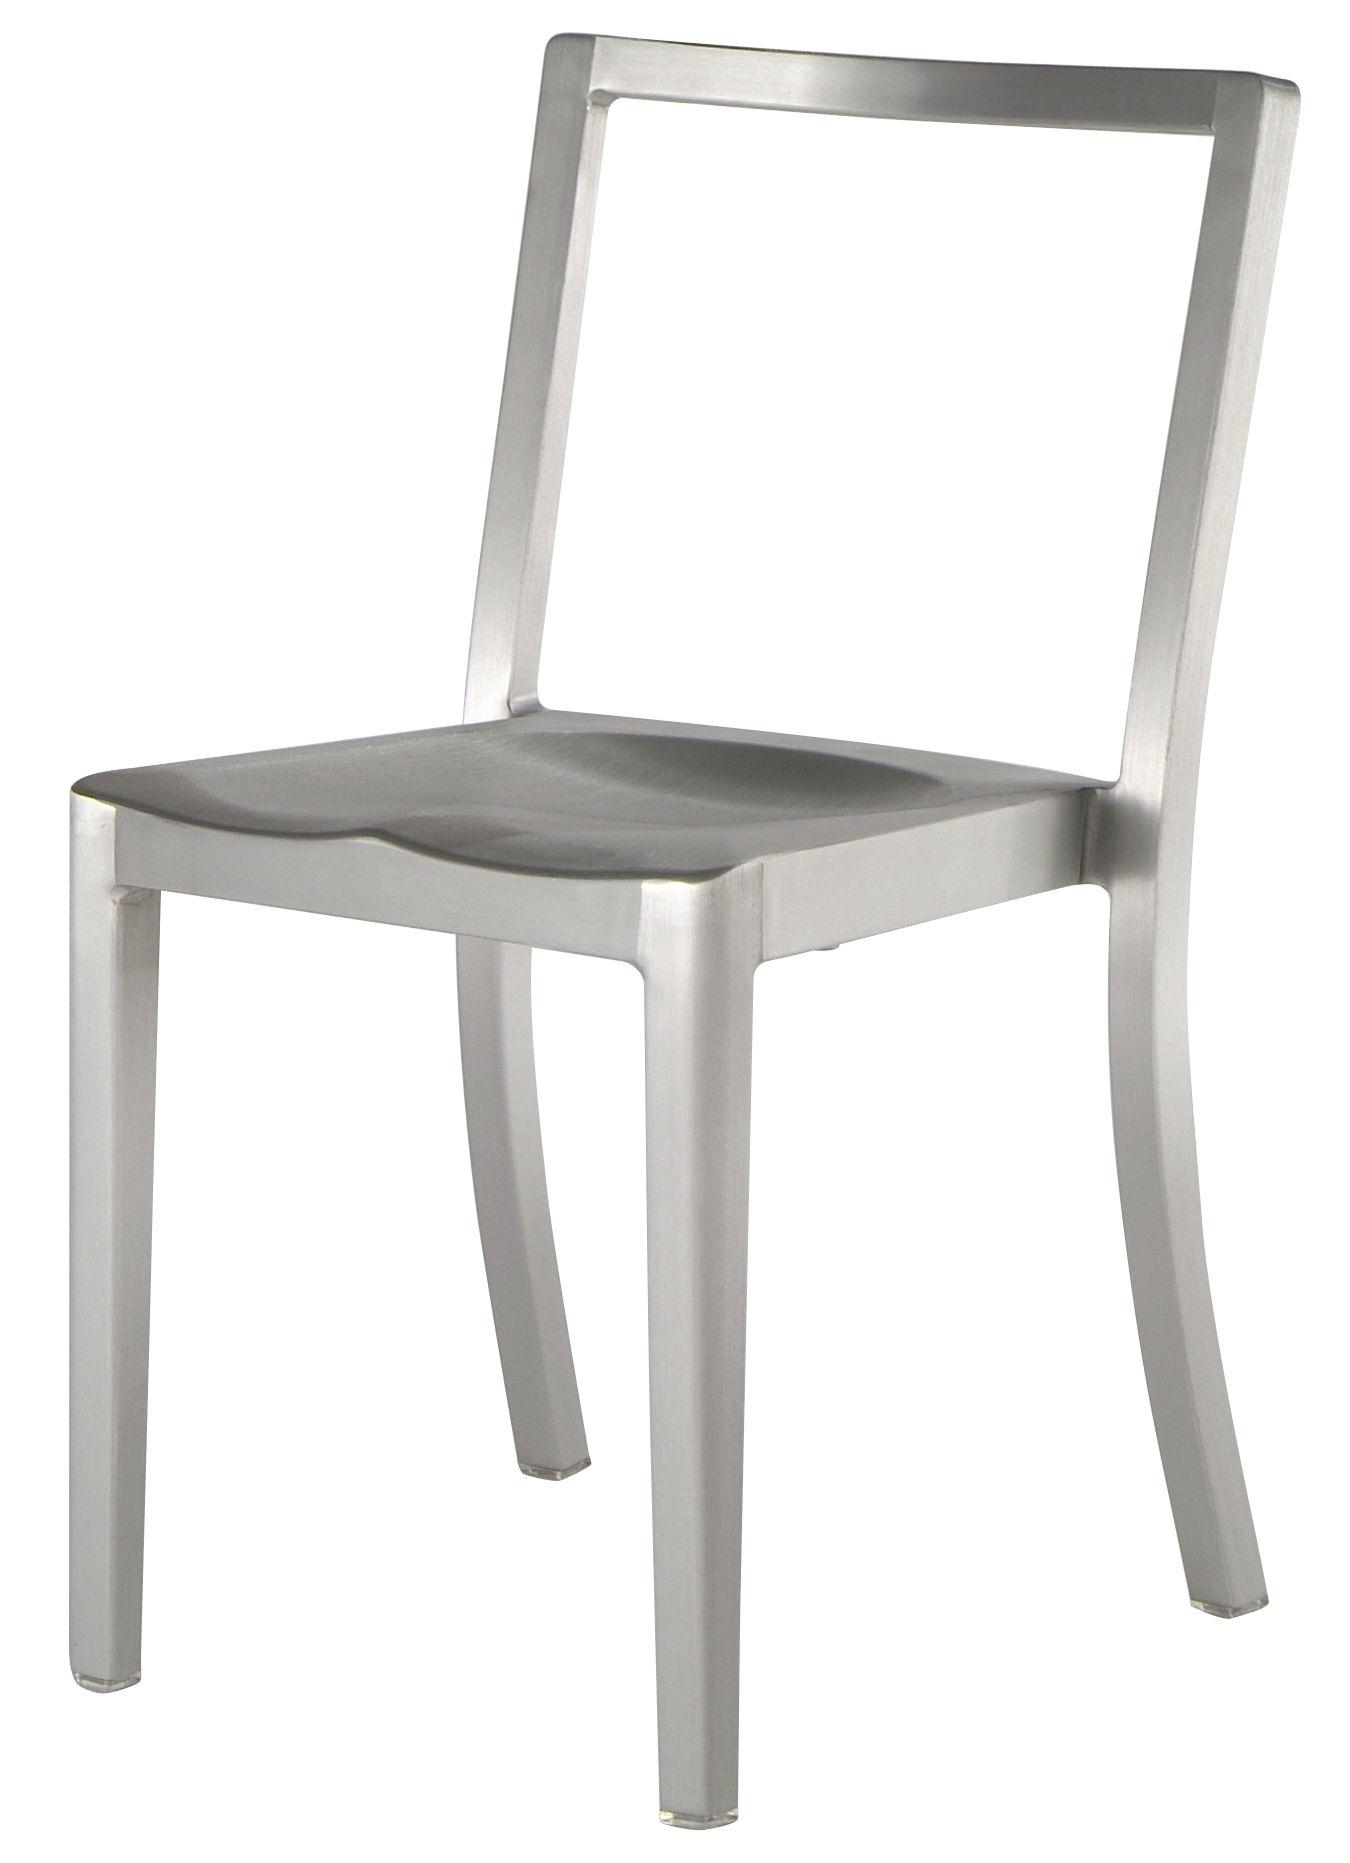 Mobilier - Chaises, fauteuils de salle à manger - Chaise Icon Outdoor / Aluminium brossé - Emeco - Aluminium brossé (outdoor) - Aluminium brossé recyclé